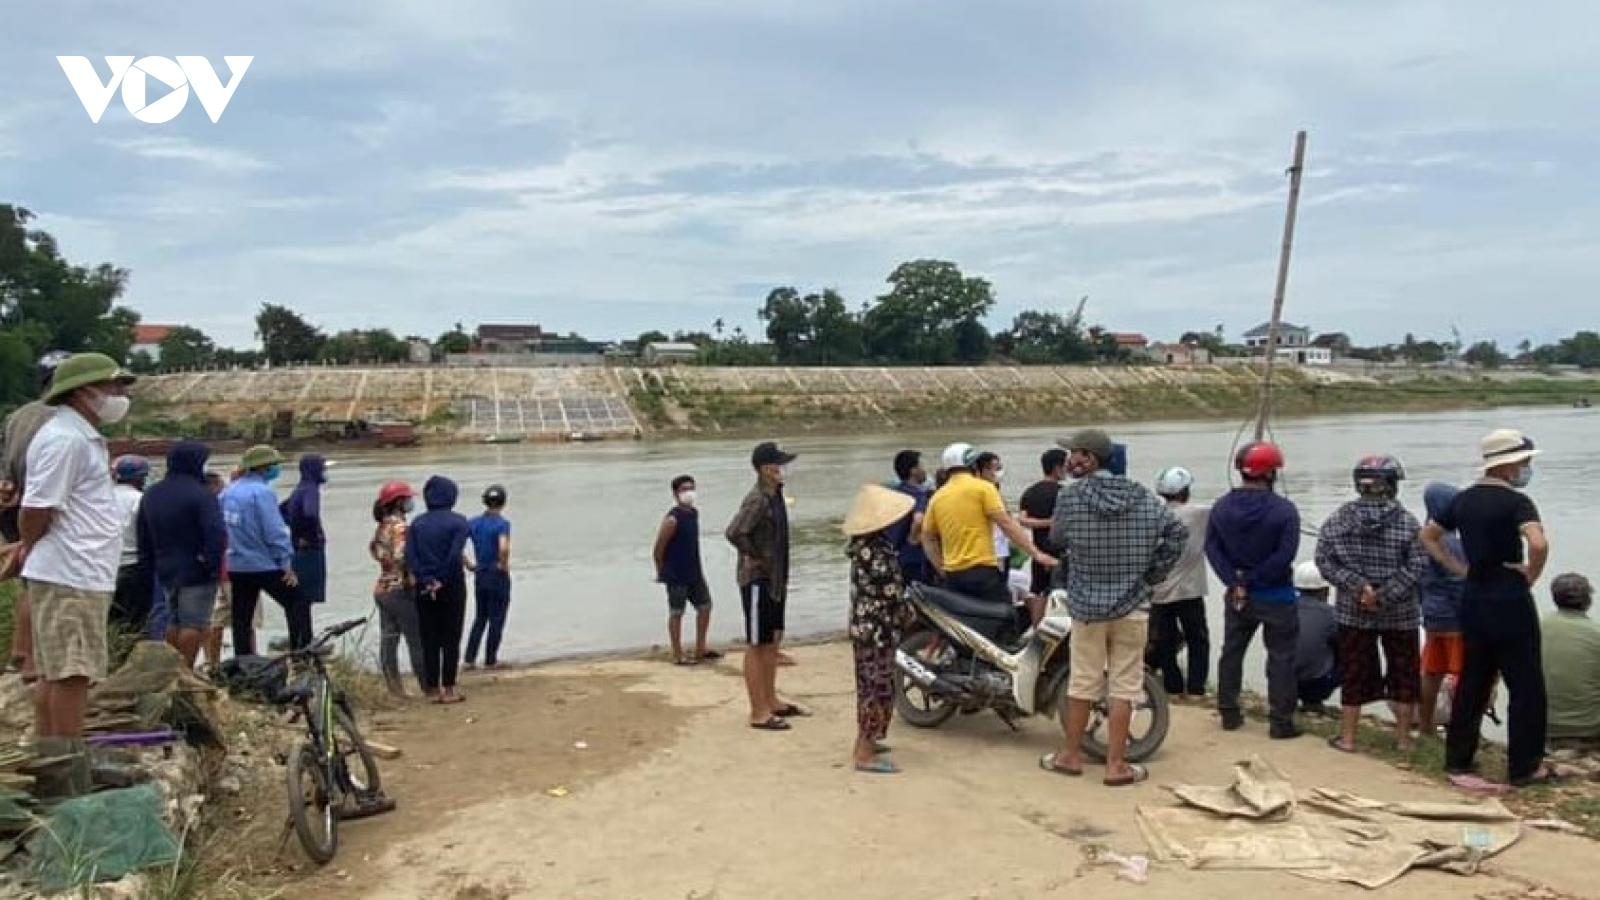 Đi đến giữa cầu người phụ nữ bất ngờ gieo mình xuống sông Lam tự vẫn